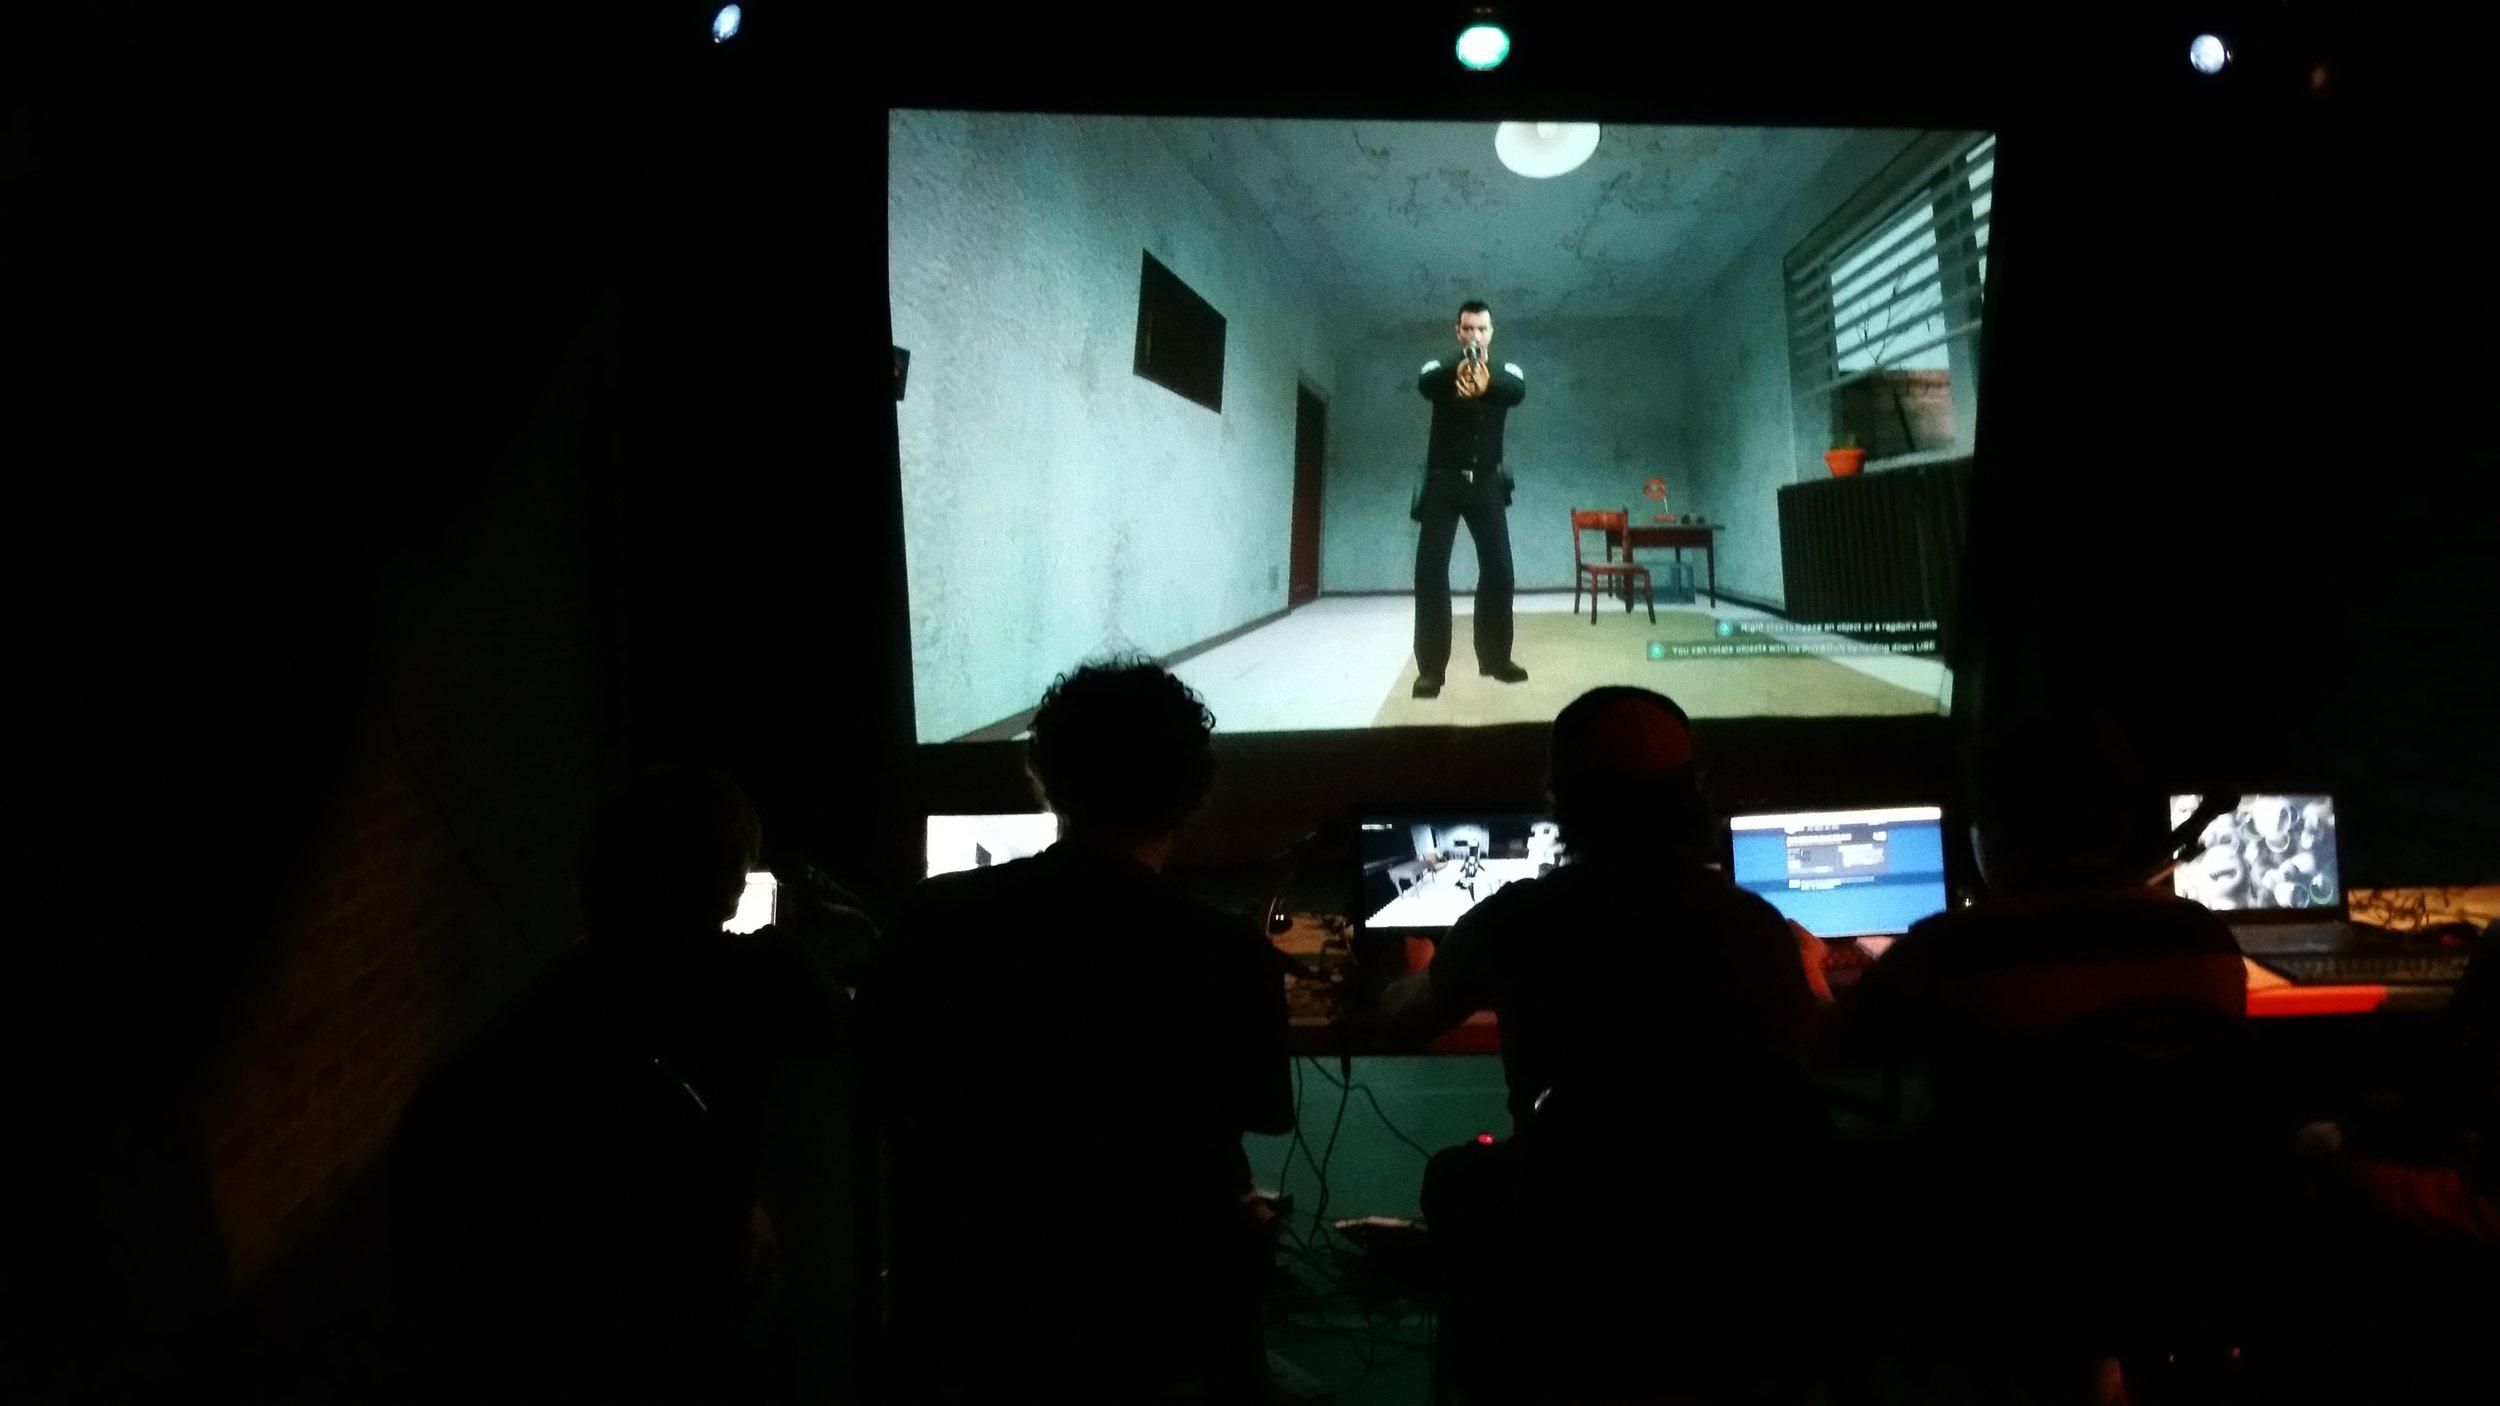 telltale heart | edgar allan poe | garry's mod | video game | theater